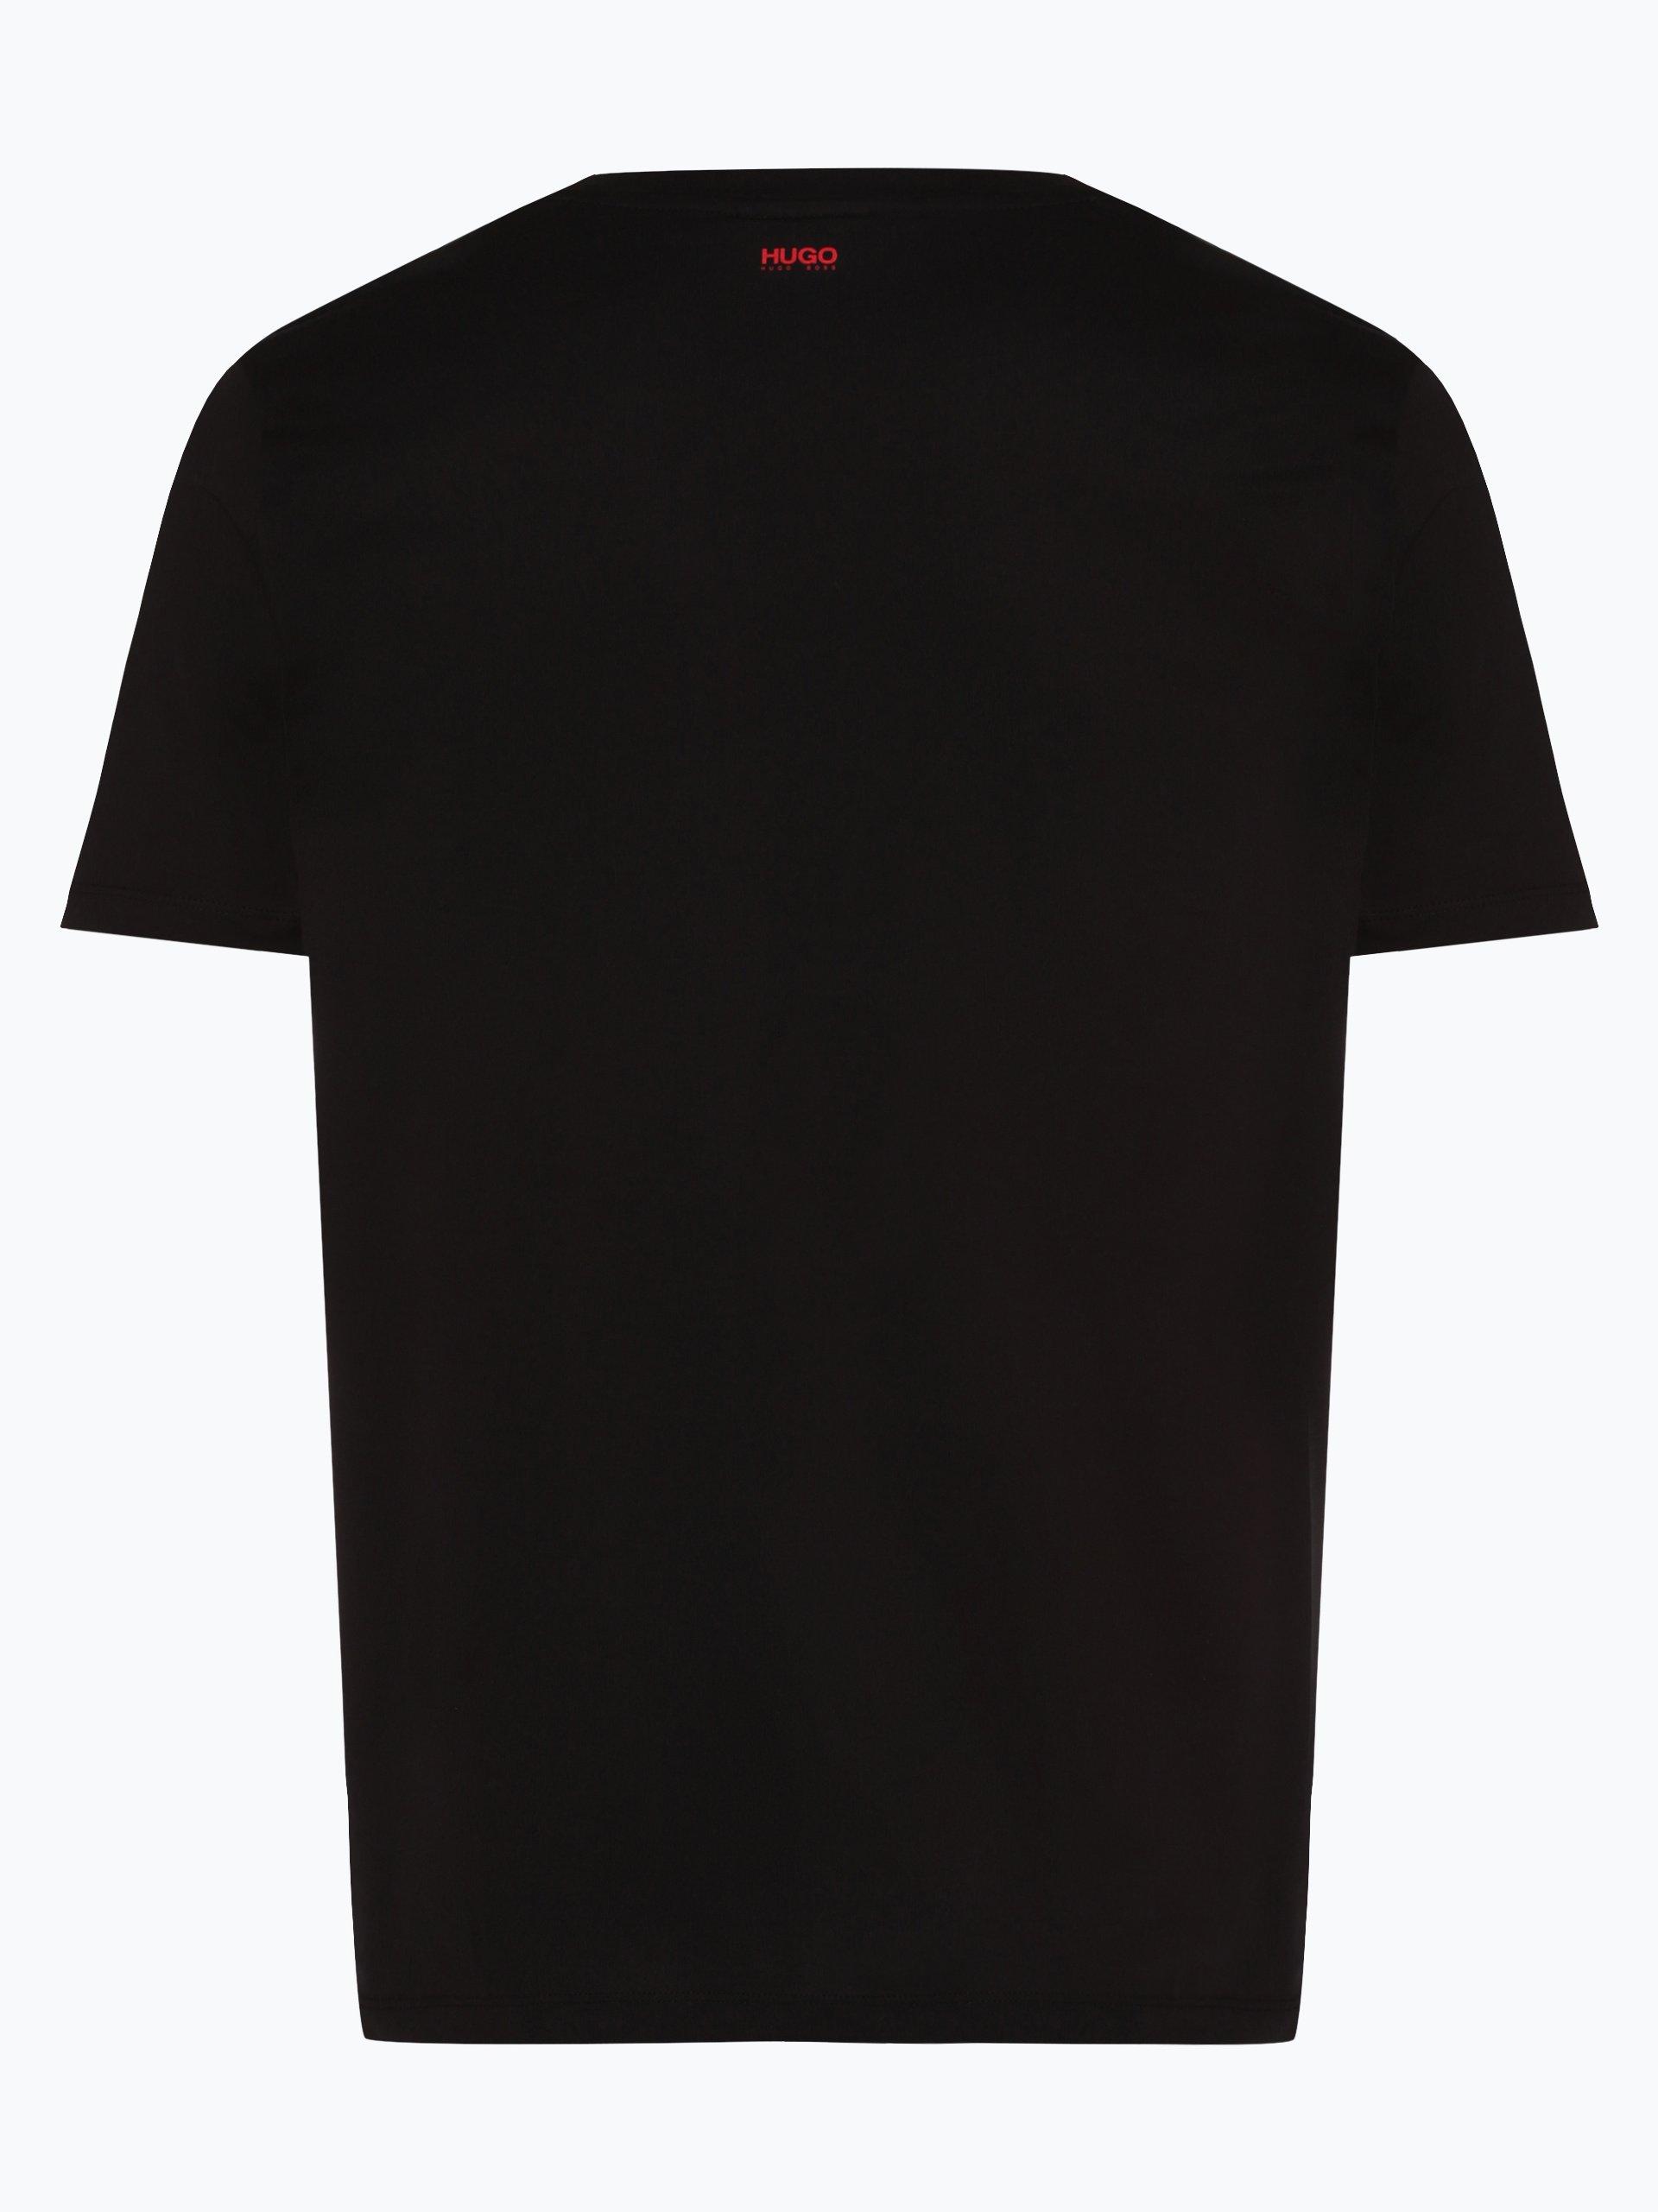 HUGO Herren T-Shirt - Durni